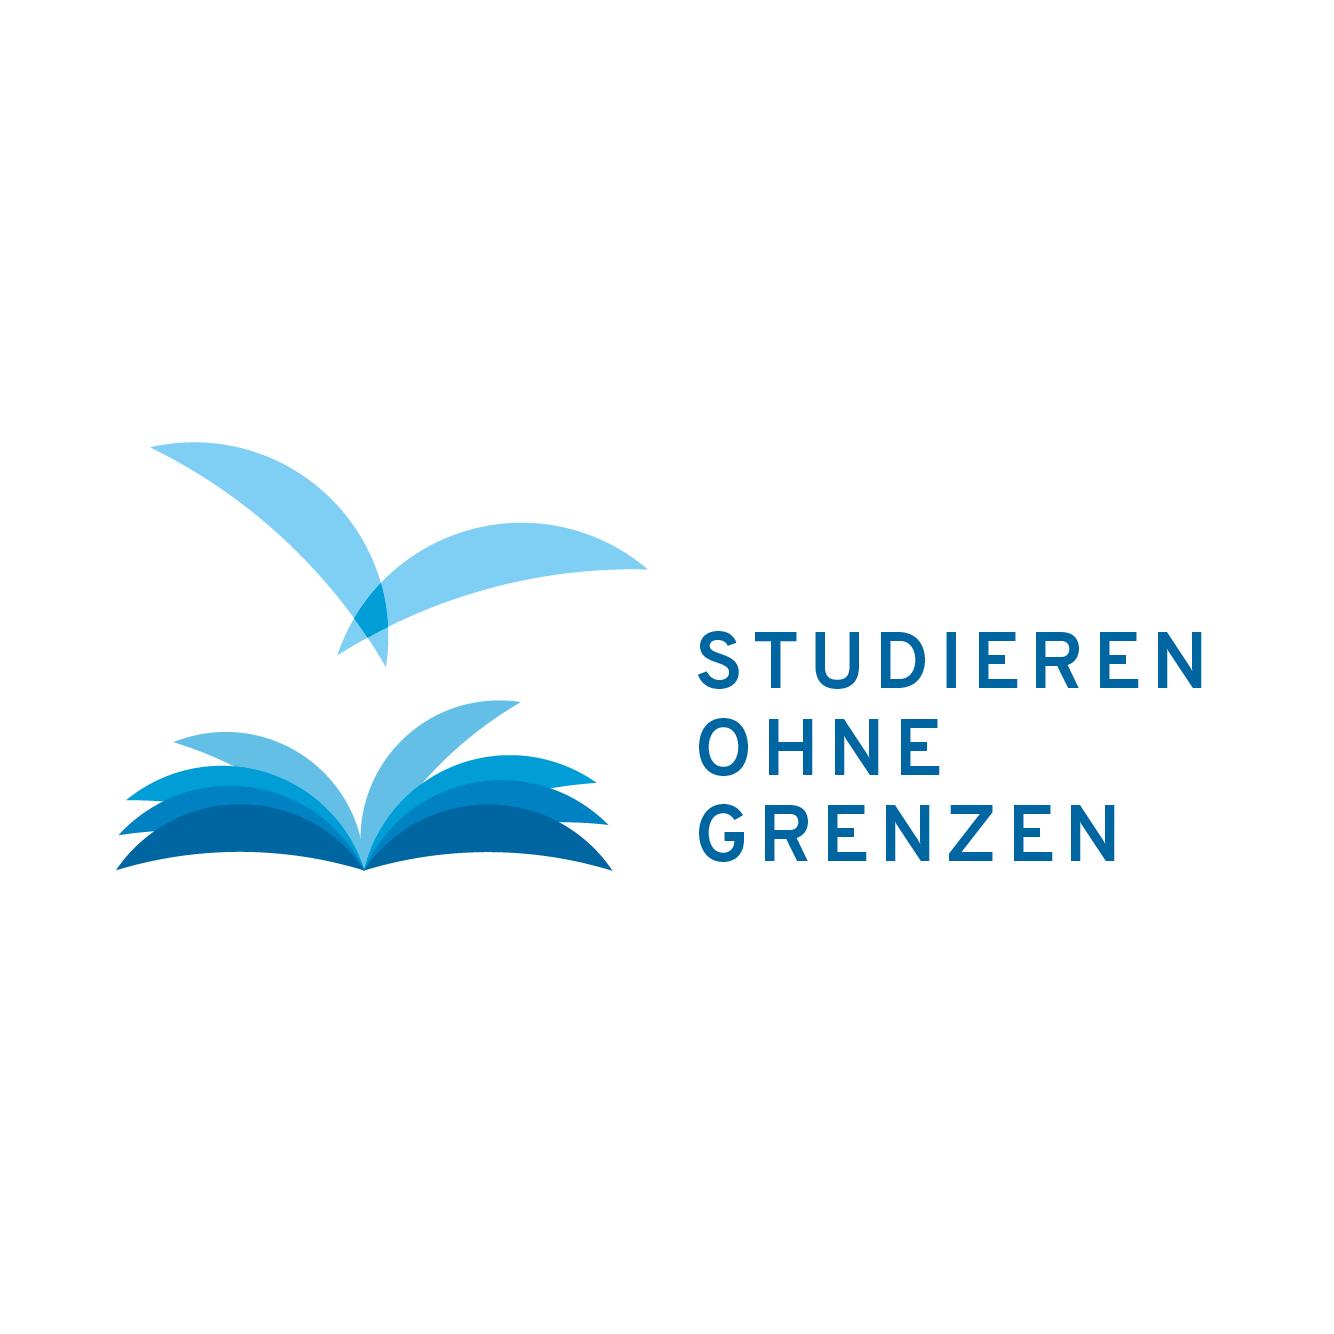 Logo ohne hintergrund speichern